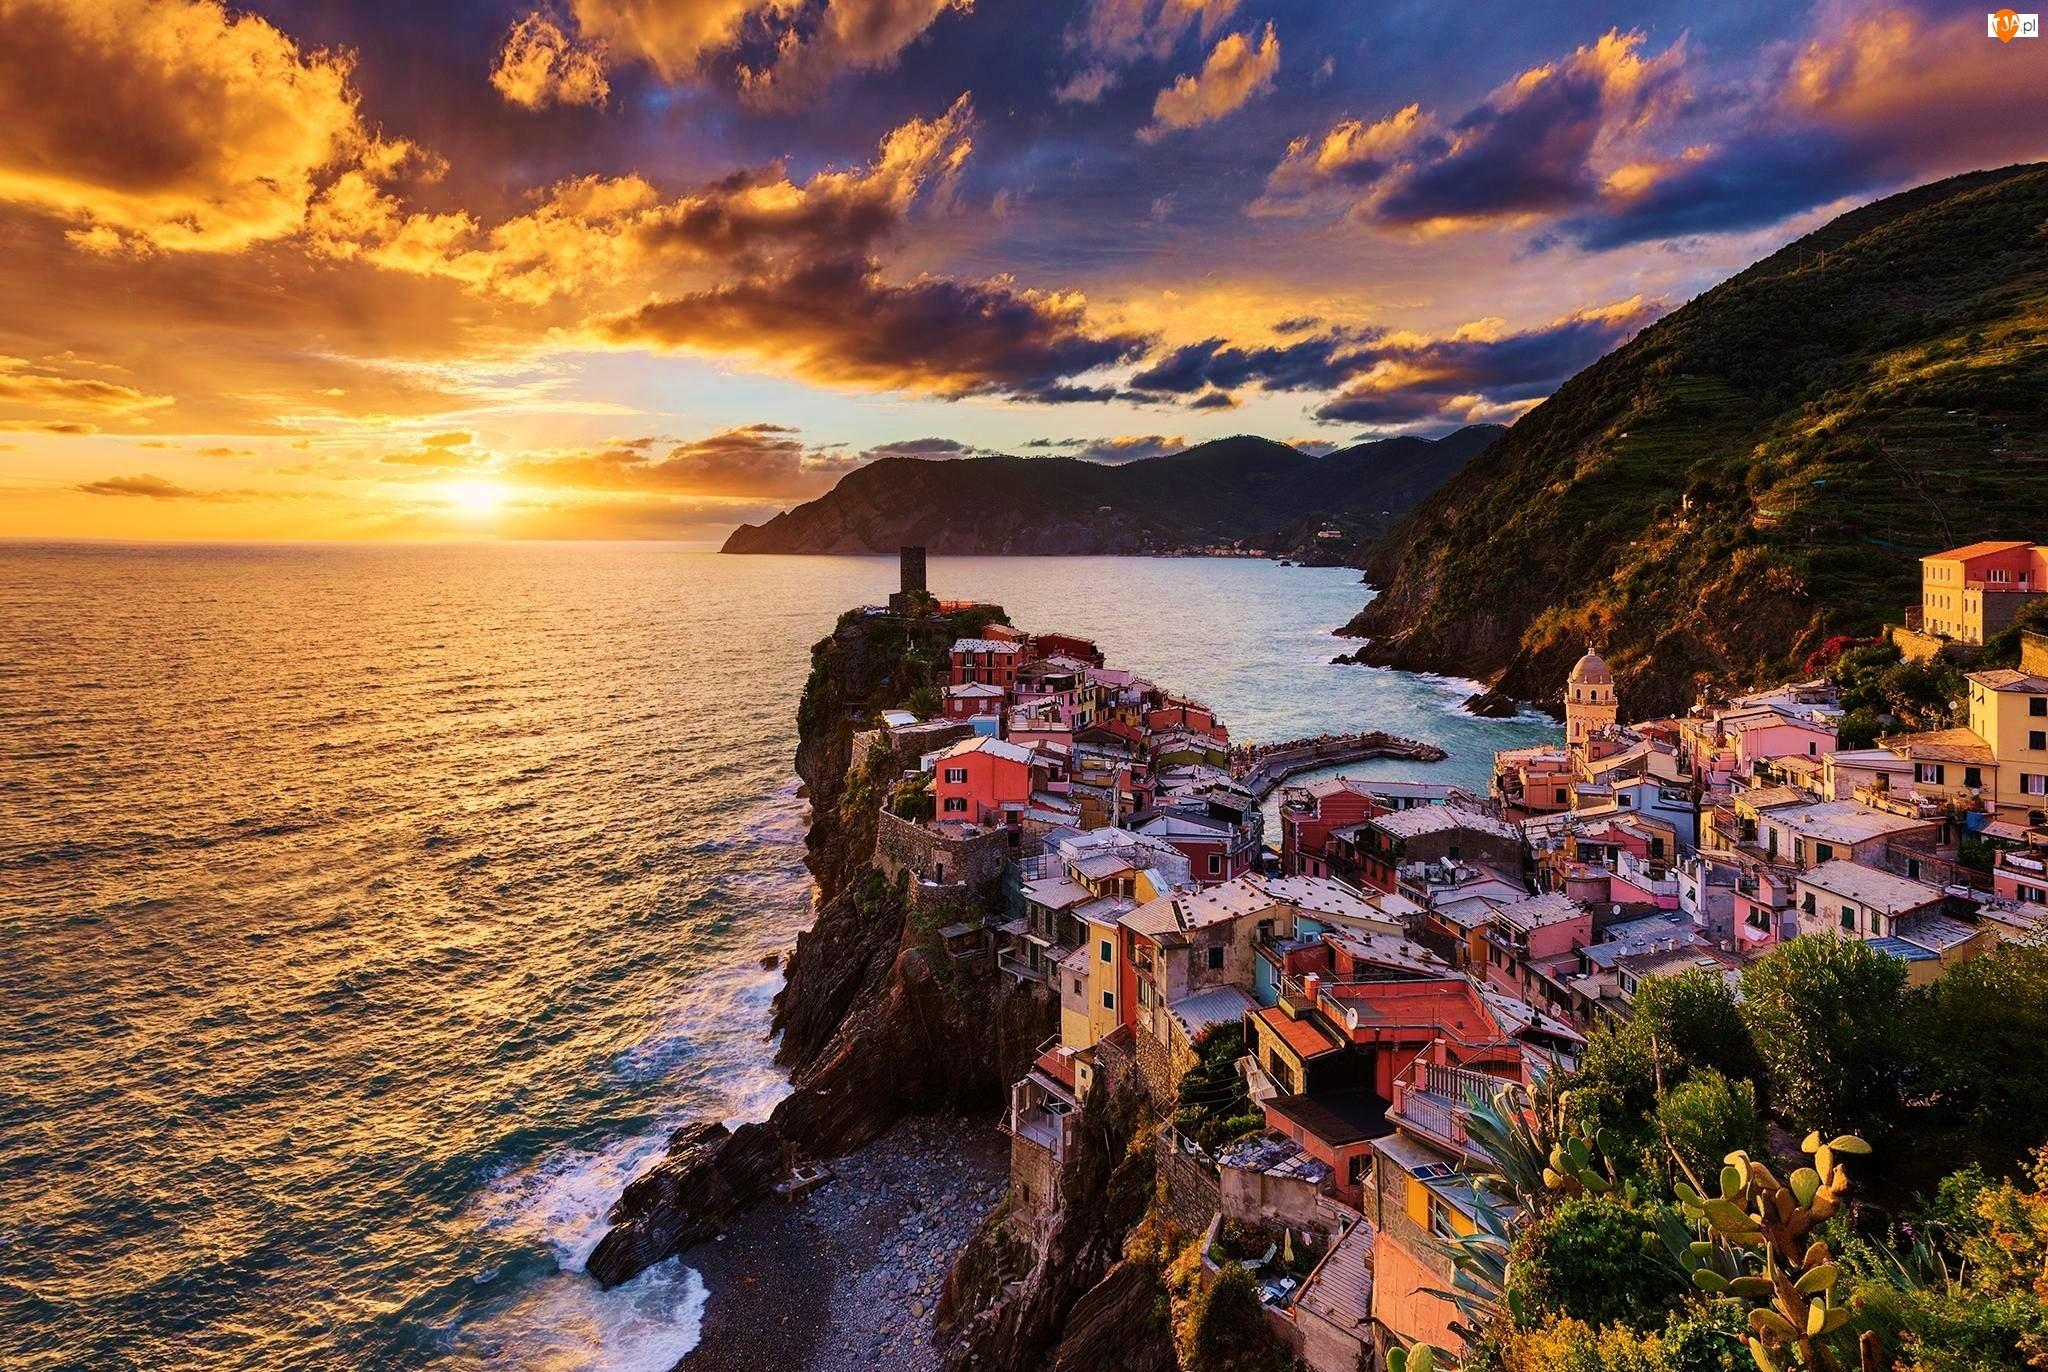 Domy, Zachód, Skały, Słońca, Morze